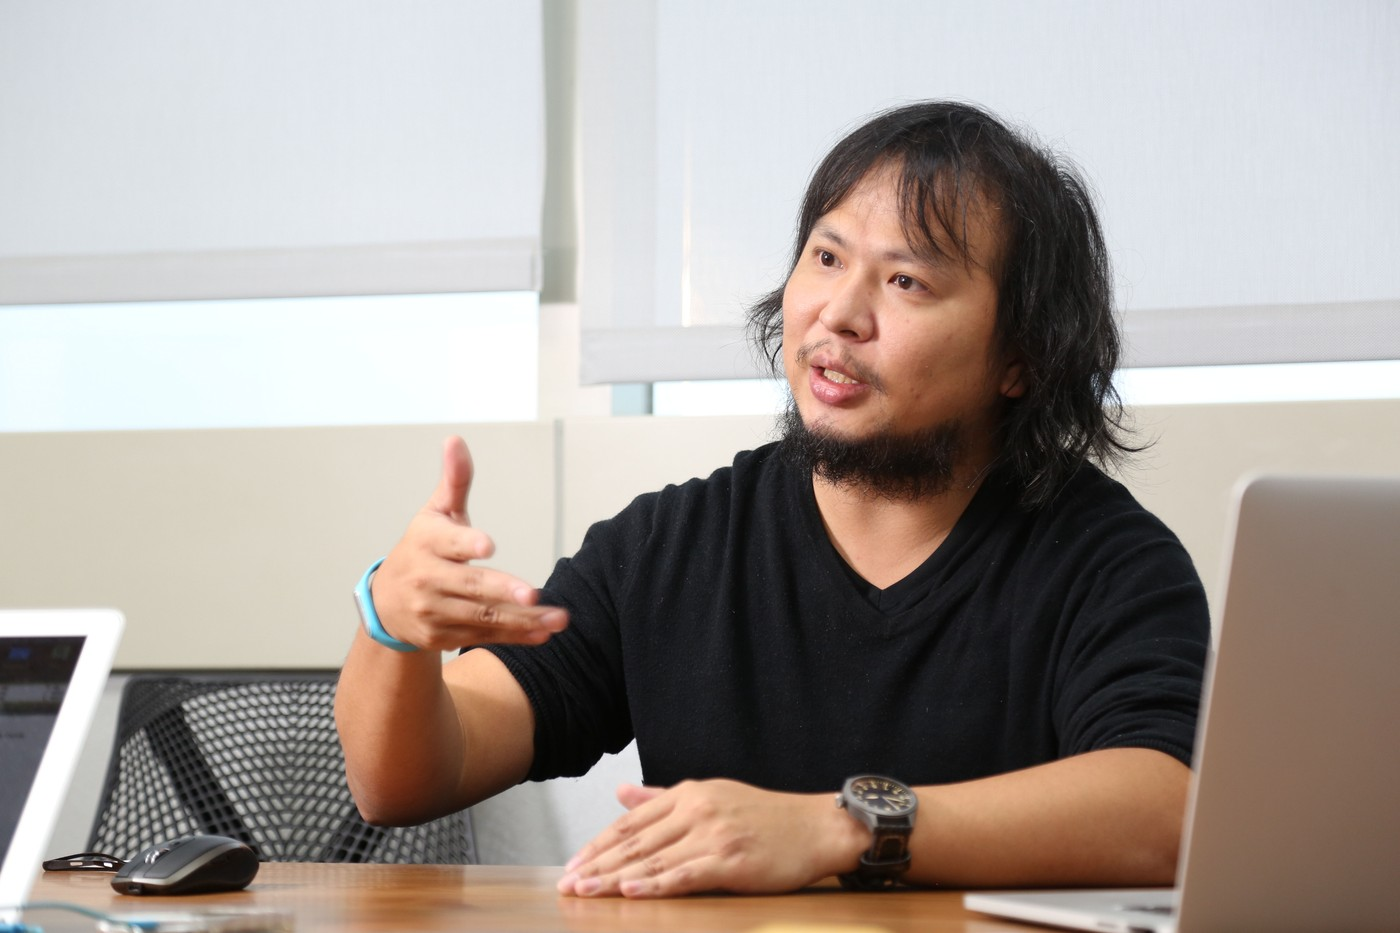 奧丁丁將赴美上市,創辦人王俊凱嘆:台灣缺乏矽谷創投氛圍